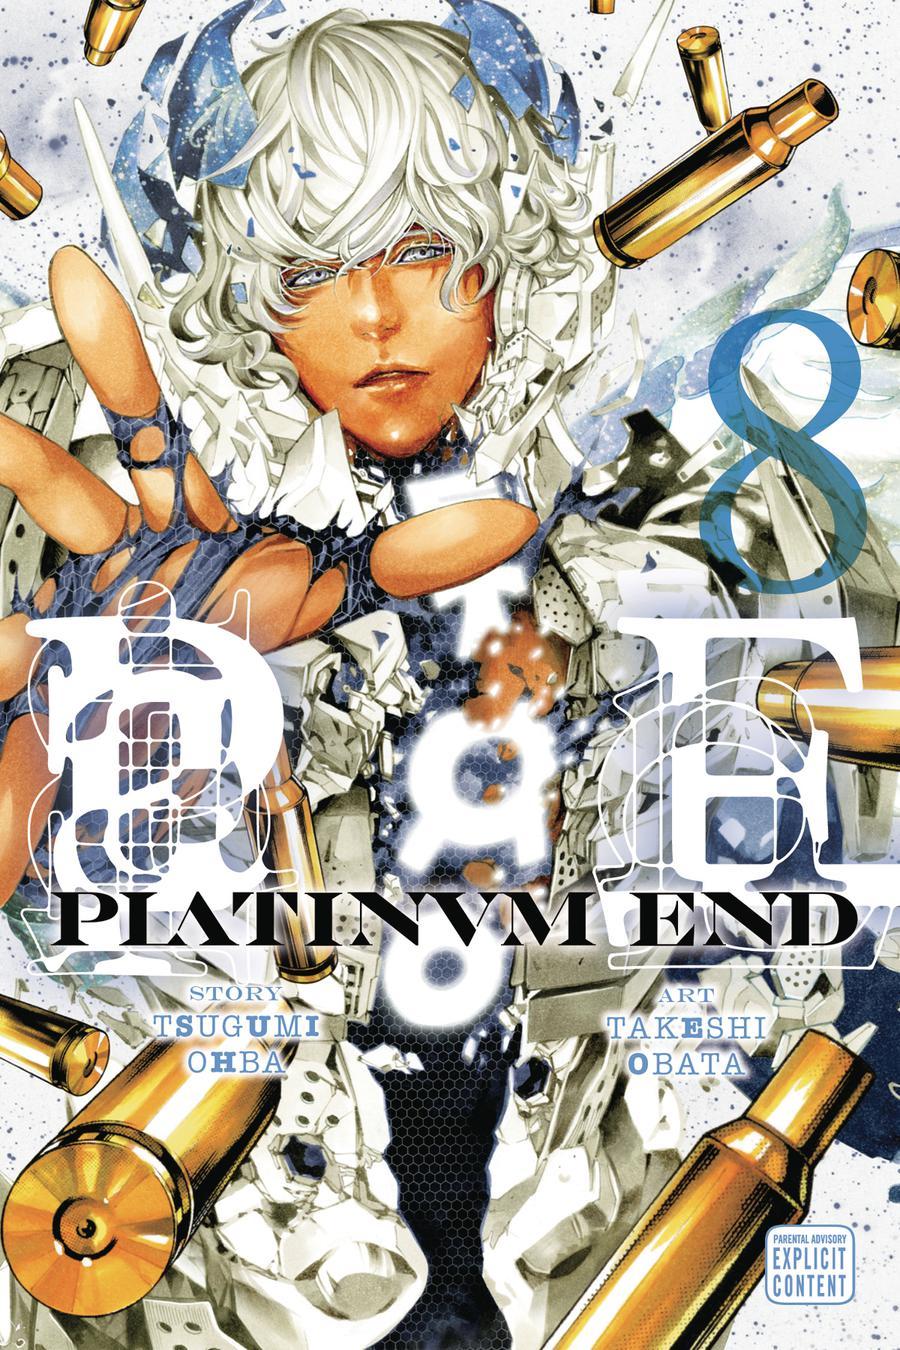 Platinum End Vol 8 GN